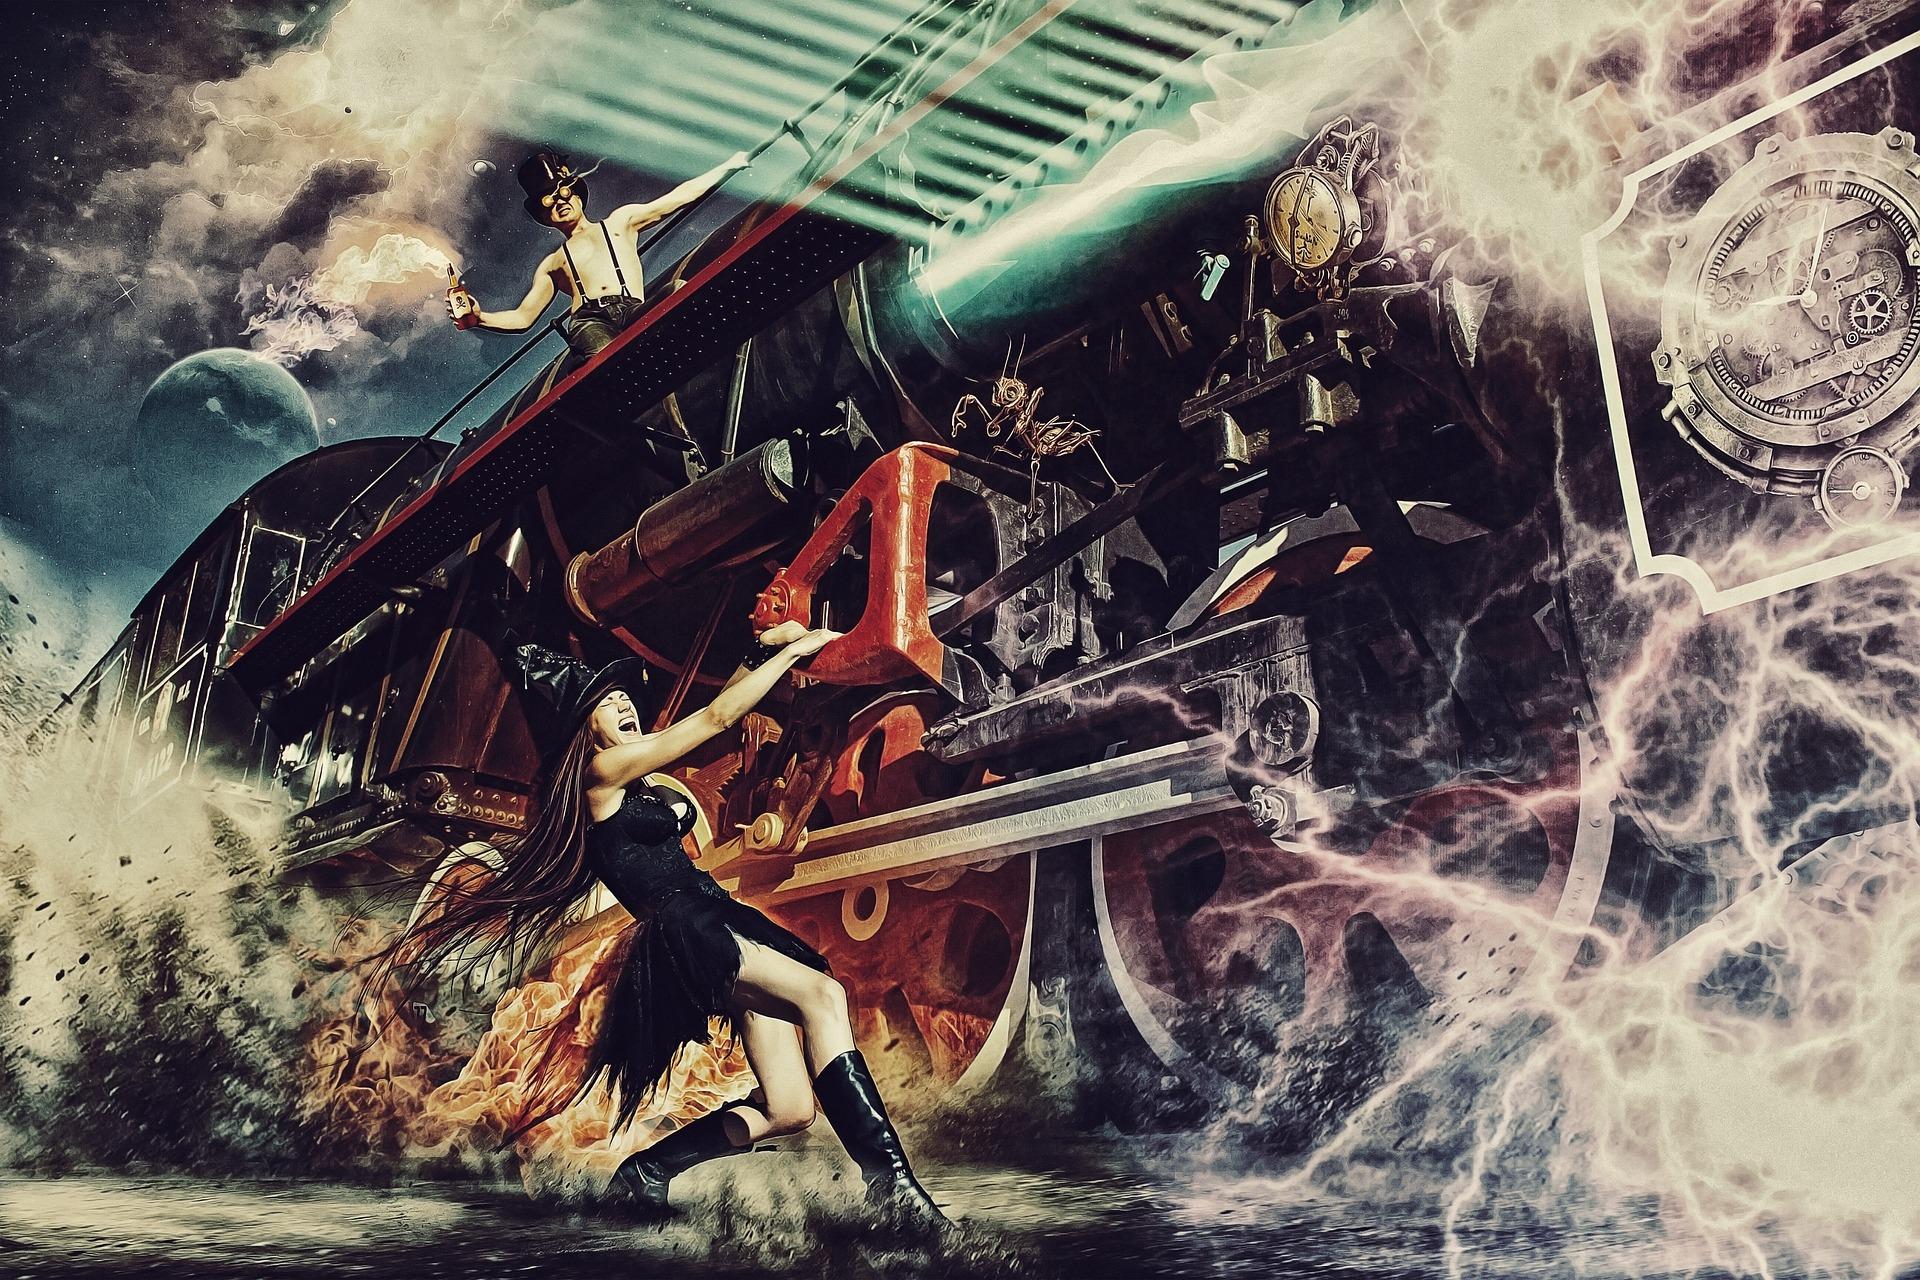 bruxa, trem, fogo, máquina do tempo, surreal, Portal, eletricidade - Papéis de parede HD - Professor-falken.com